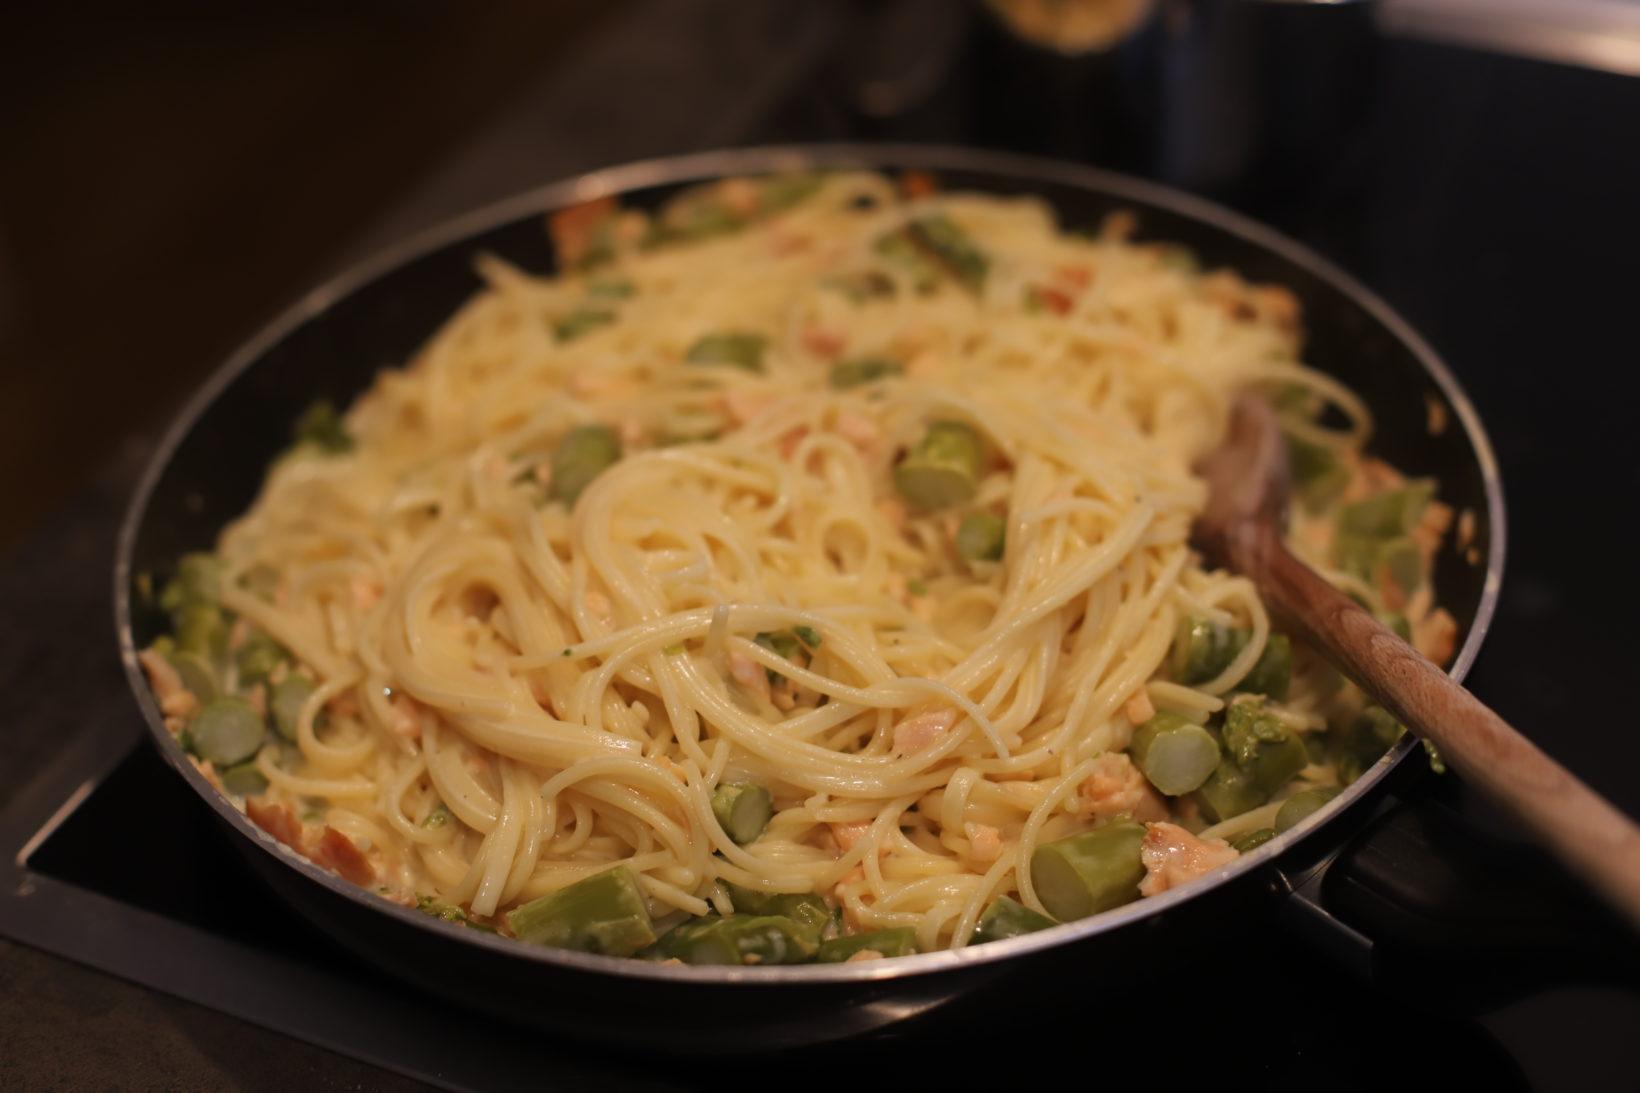 salmon asparagus pasta with vodka